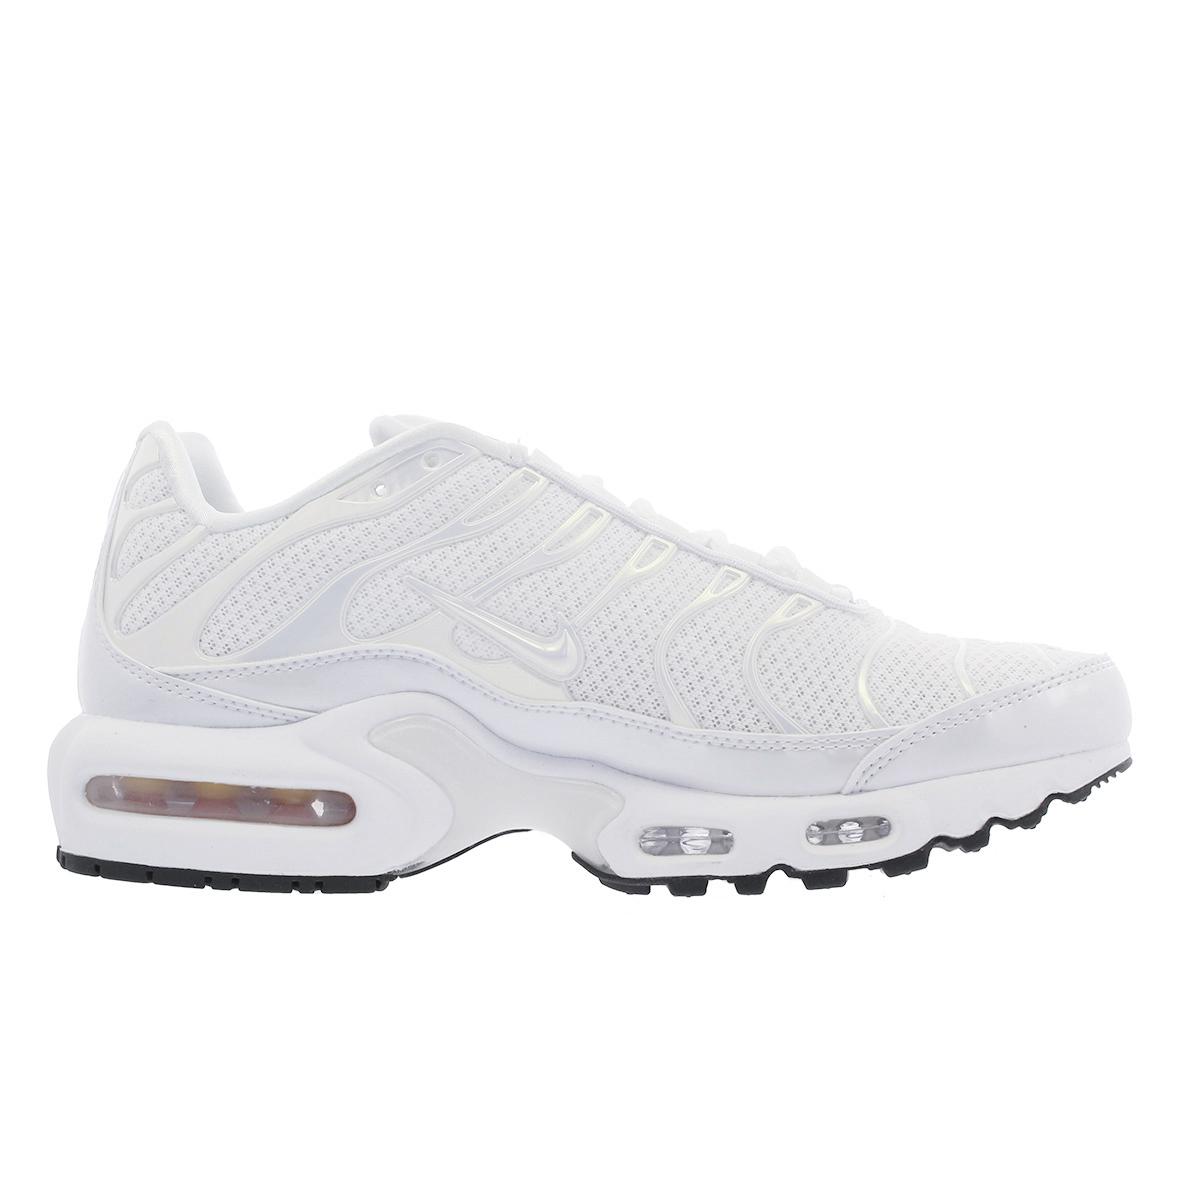 aa0949d53d ... NIKE WMNS AIR MAX PLUS PREMIUM Nike women Air Max plus premium WHITE/ WHITE/ ...